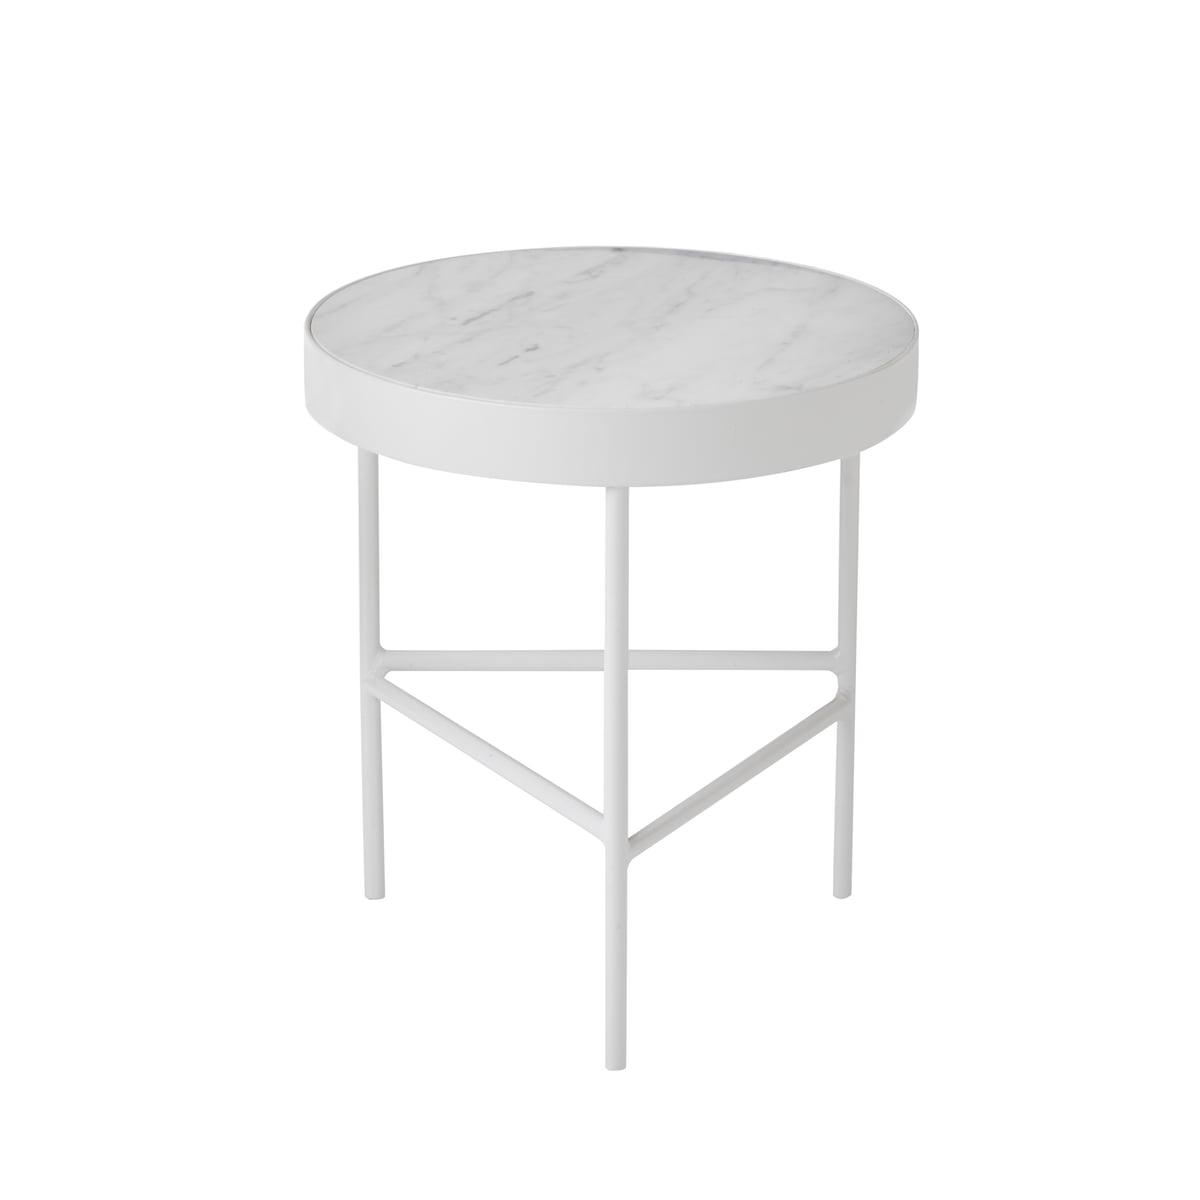 Marble Table von ferm Living  Connox Shop